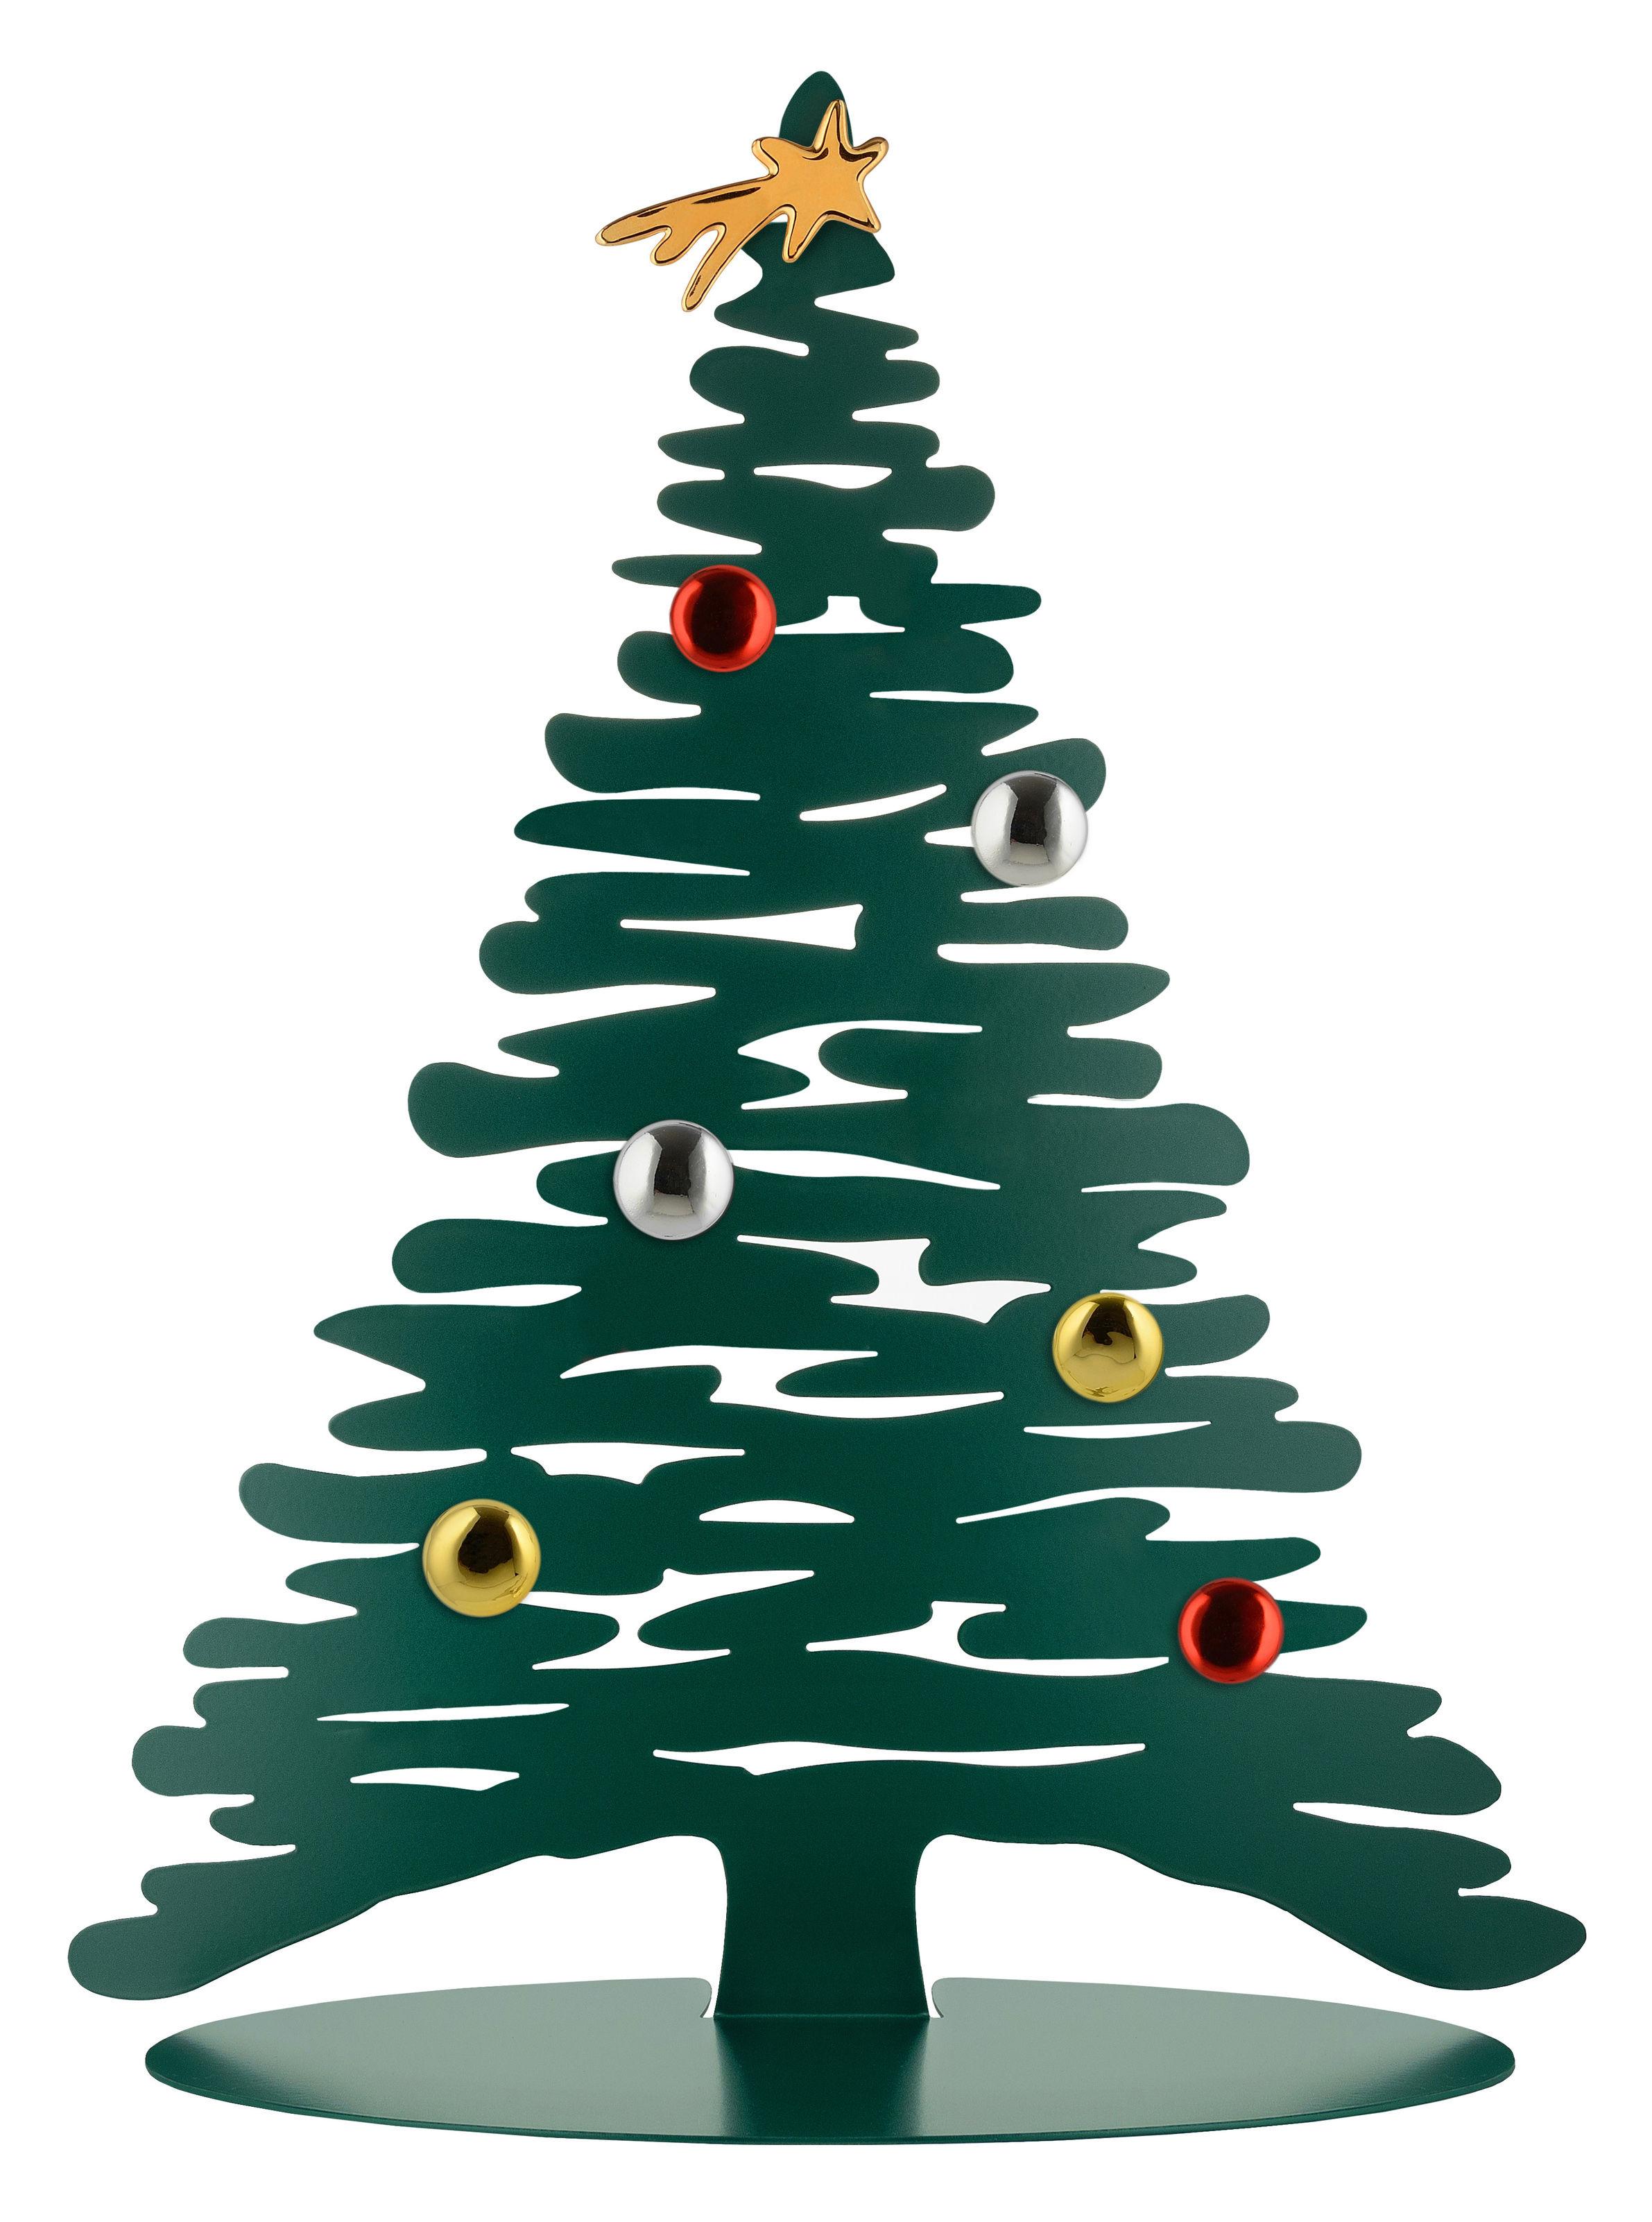 Déco - Objets déco et cadres-photos - Décoration Bark Tree / Sapin H 45 cm + 6 aimants colorés - Alessi - Vert - Acier époxy